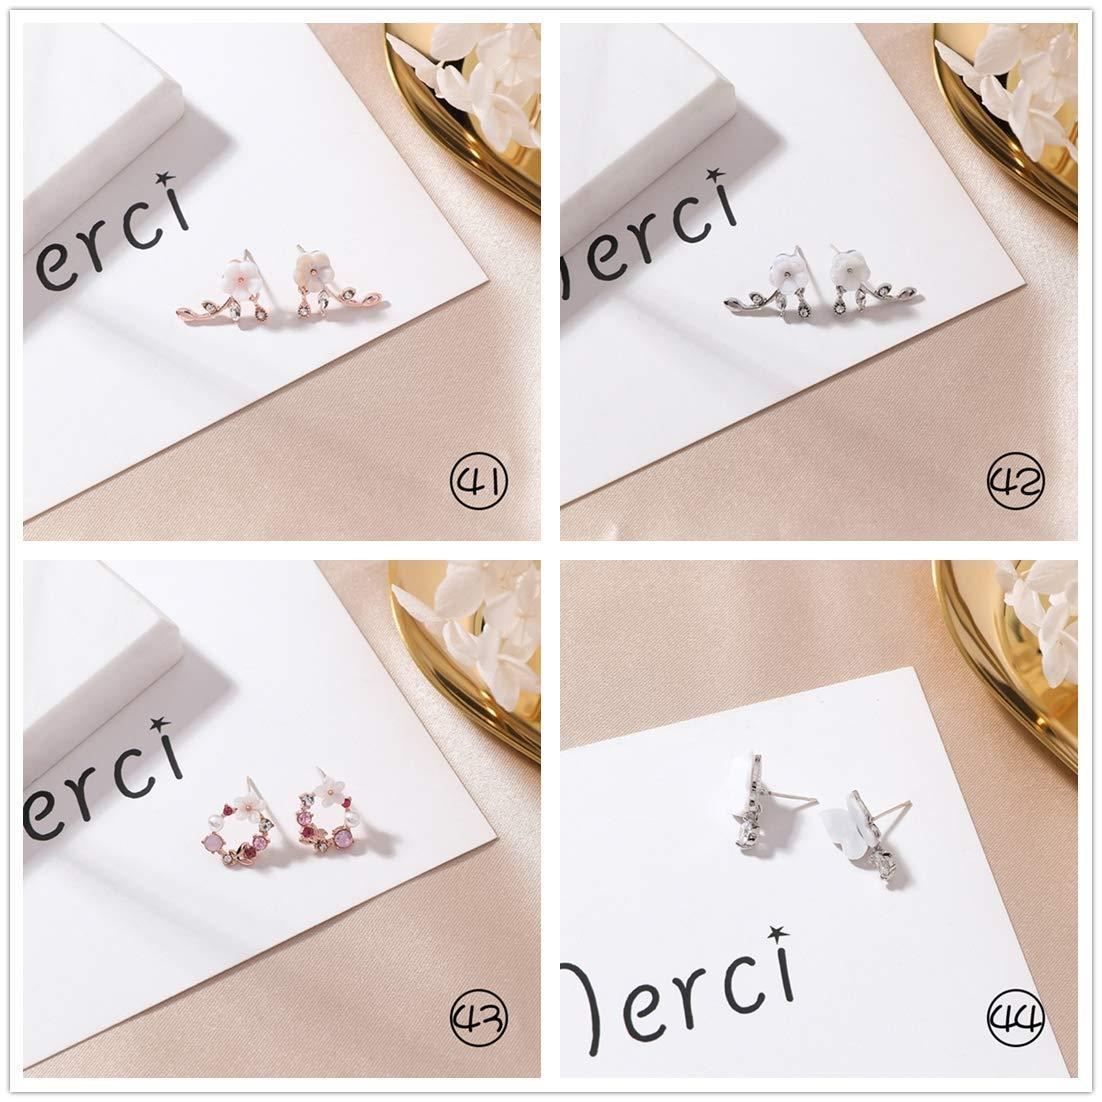 Shell Petals Geometric Round Metal Asymmetric Long Sweet Love Stud Earrings Women ZZEARTUNNE Handmade 9 Pairs Earrings Set